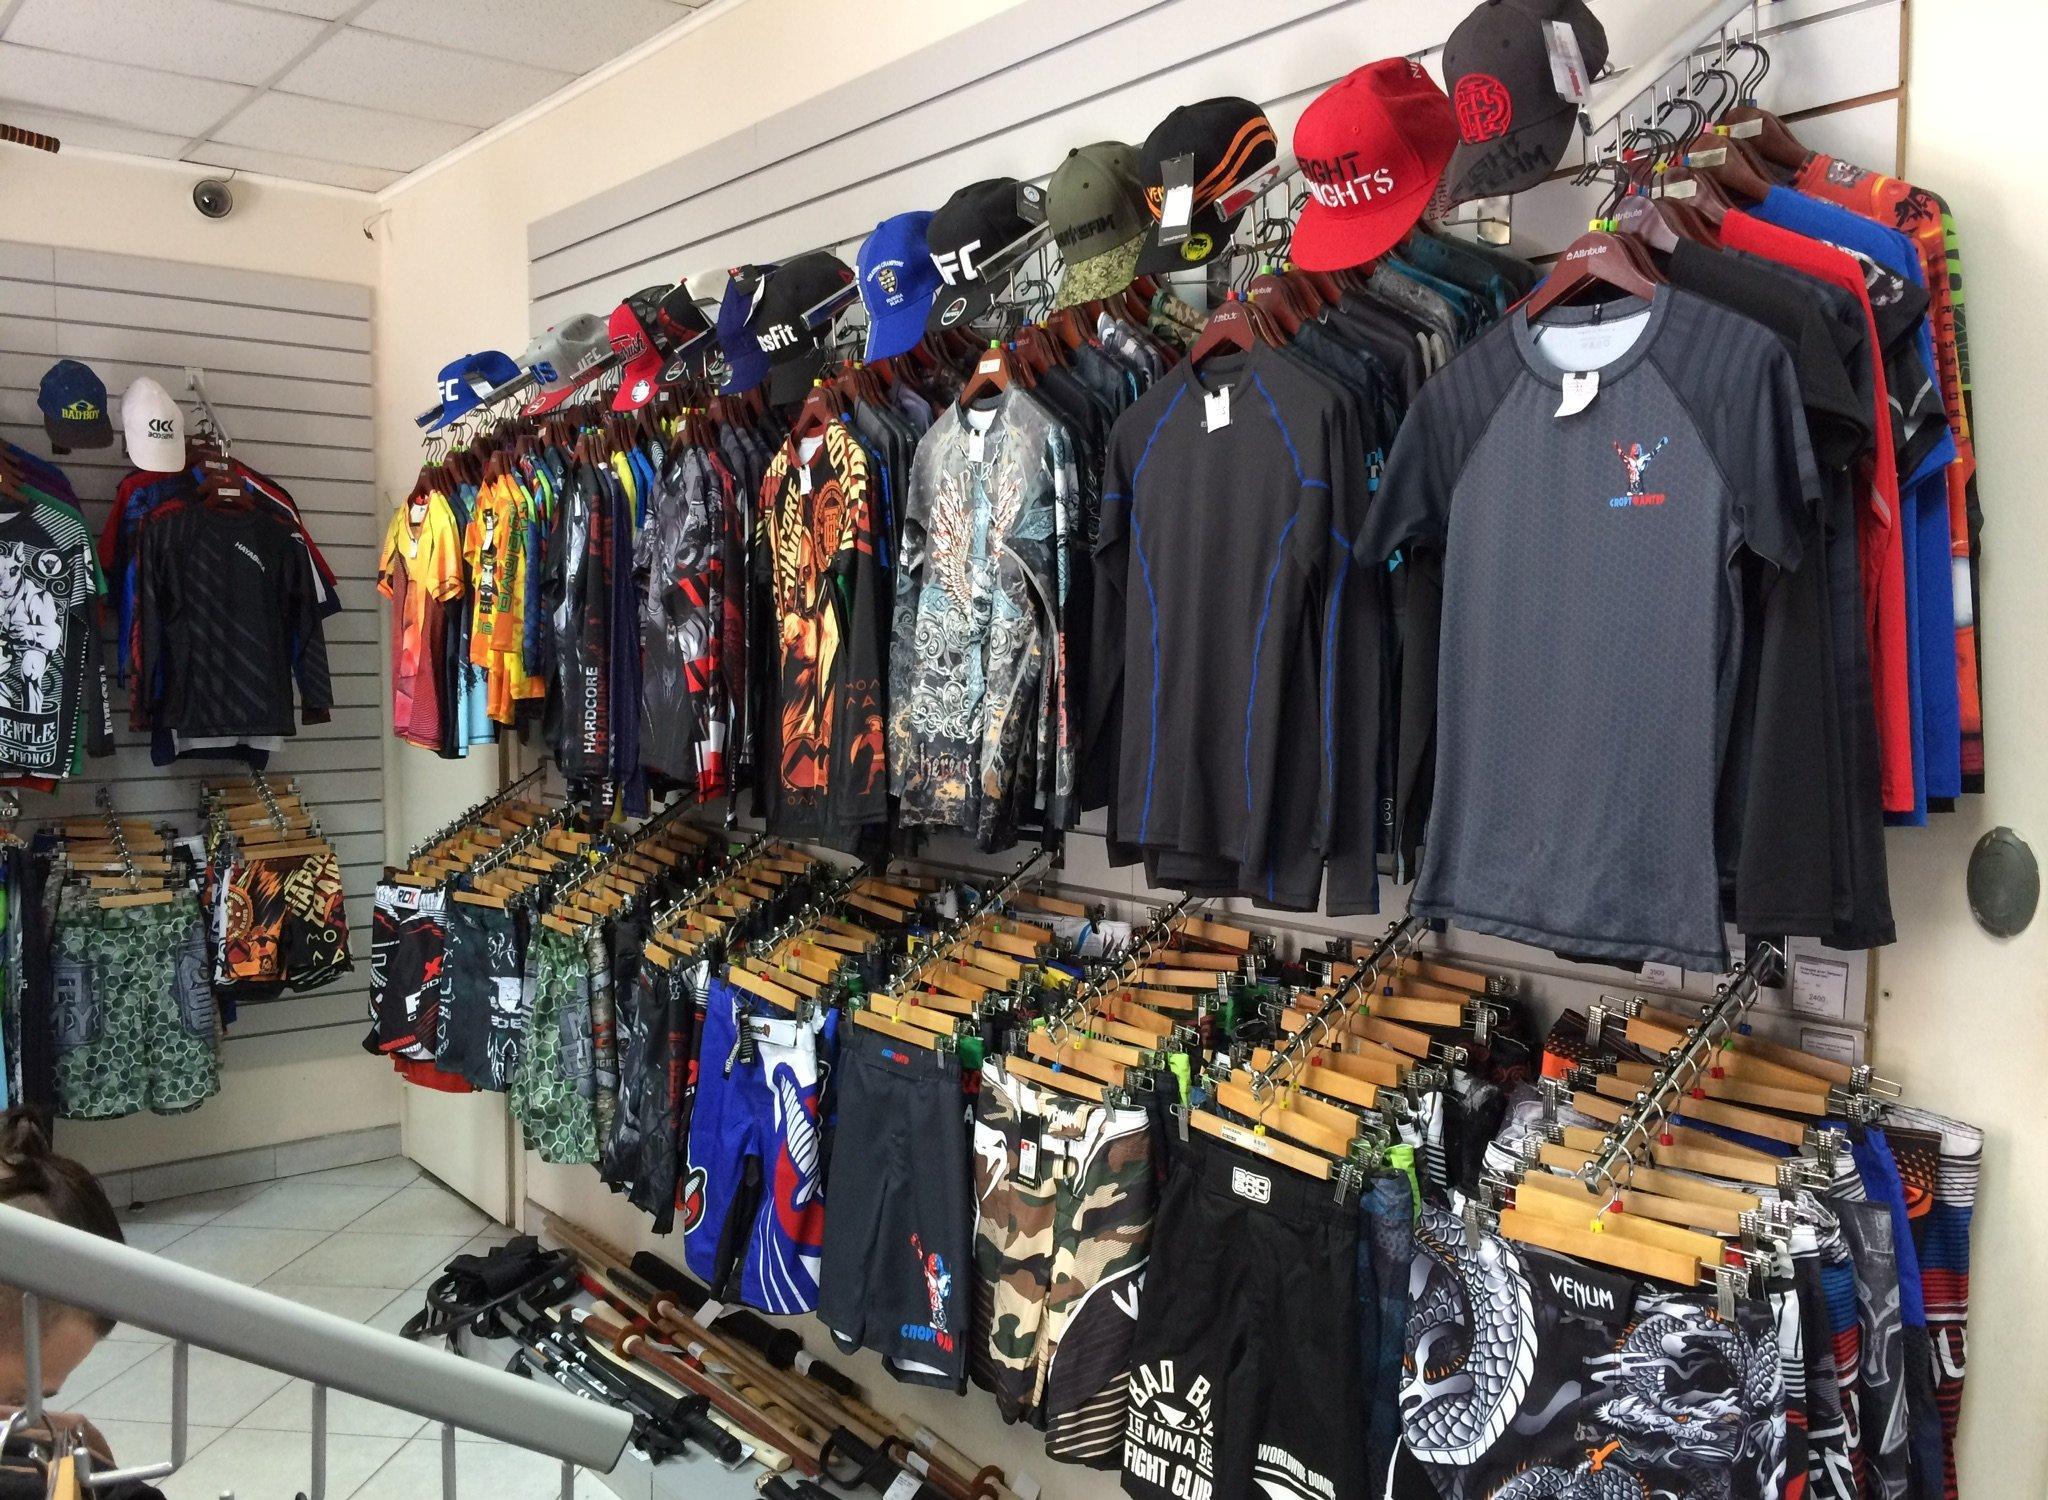 фотография Магазина товаров для единоборств Спортфайтер на Лиговском проспекте, 3